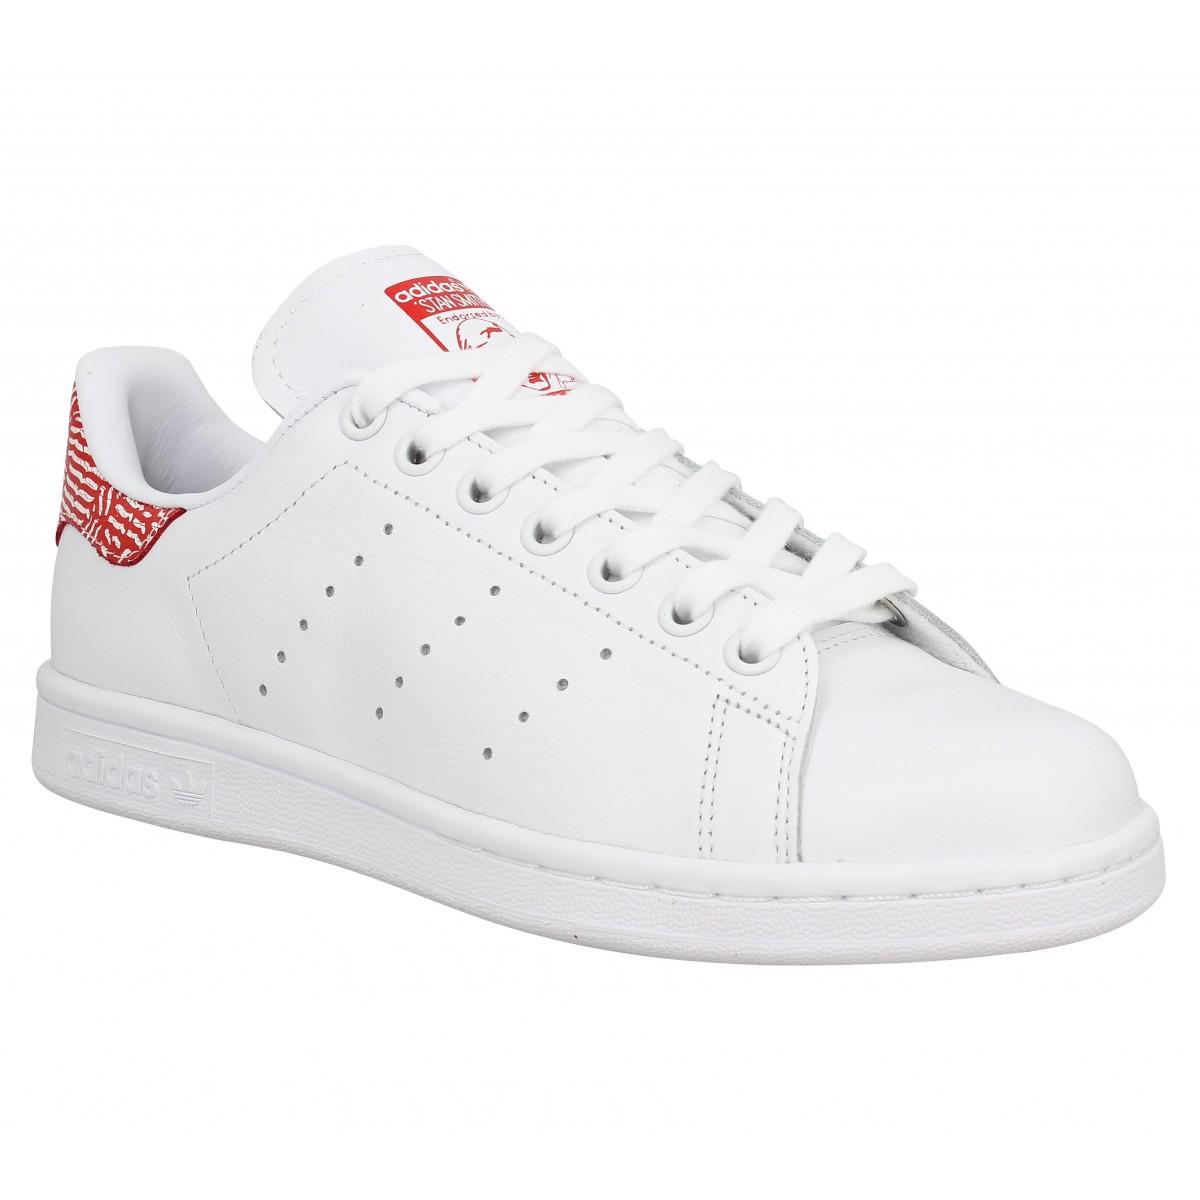 Adidas Femme Stan Smith Cuir-36-blanc...